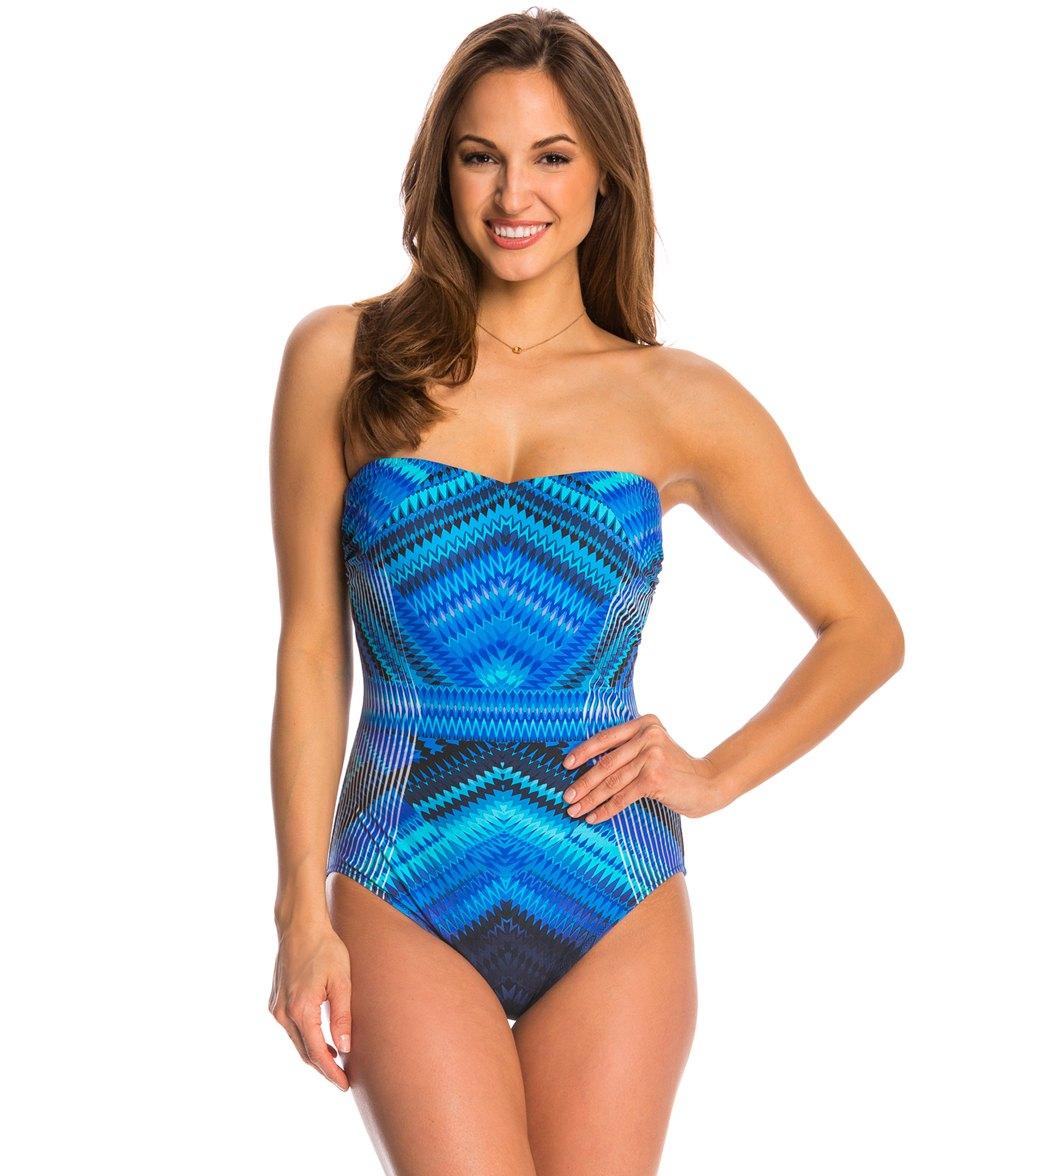 b7a45132c56a9 Gottex Venice Bandeau One Piece Swimsuit at SwimOutlet.com - Free ...